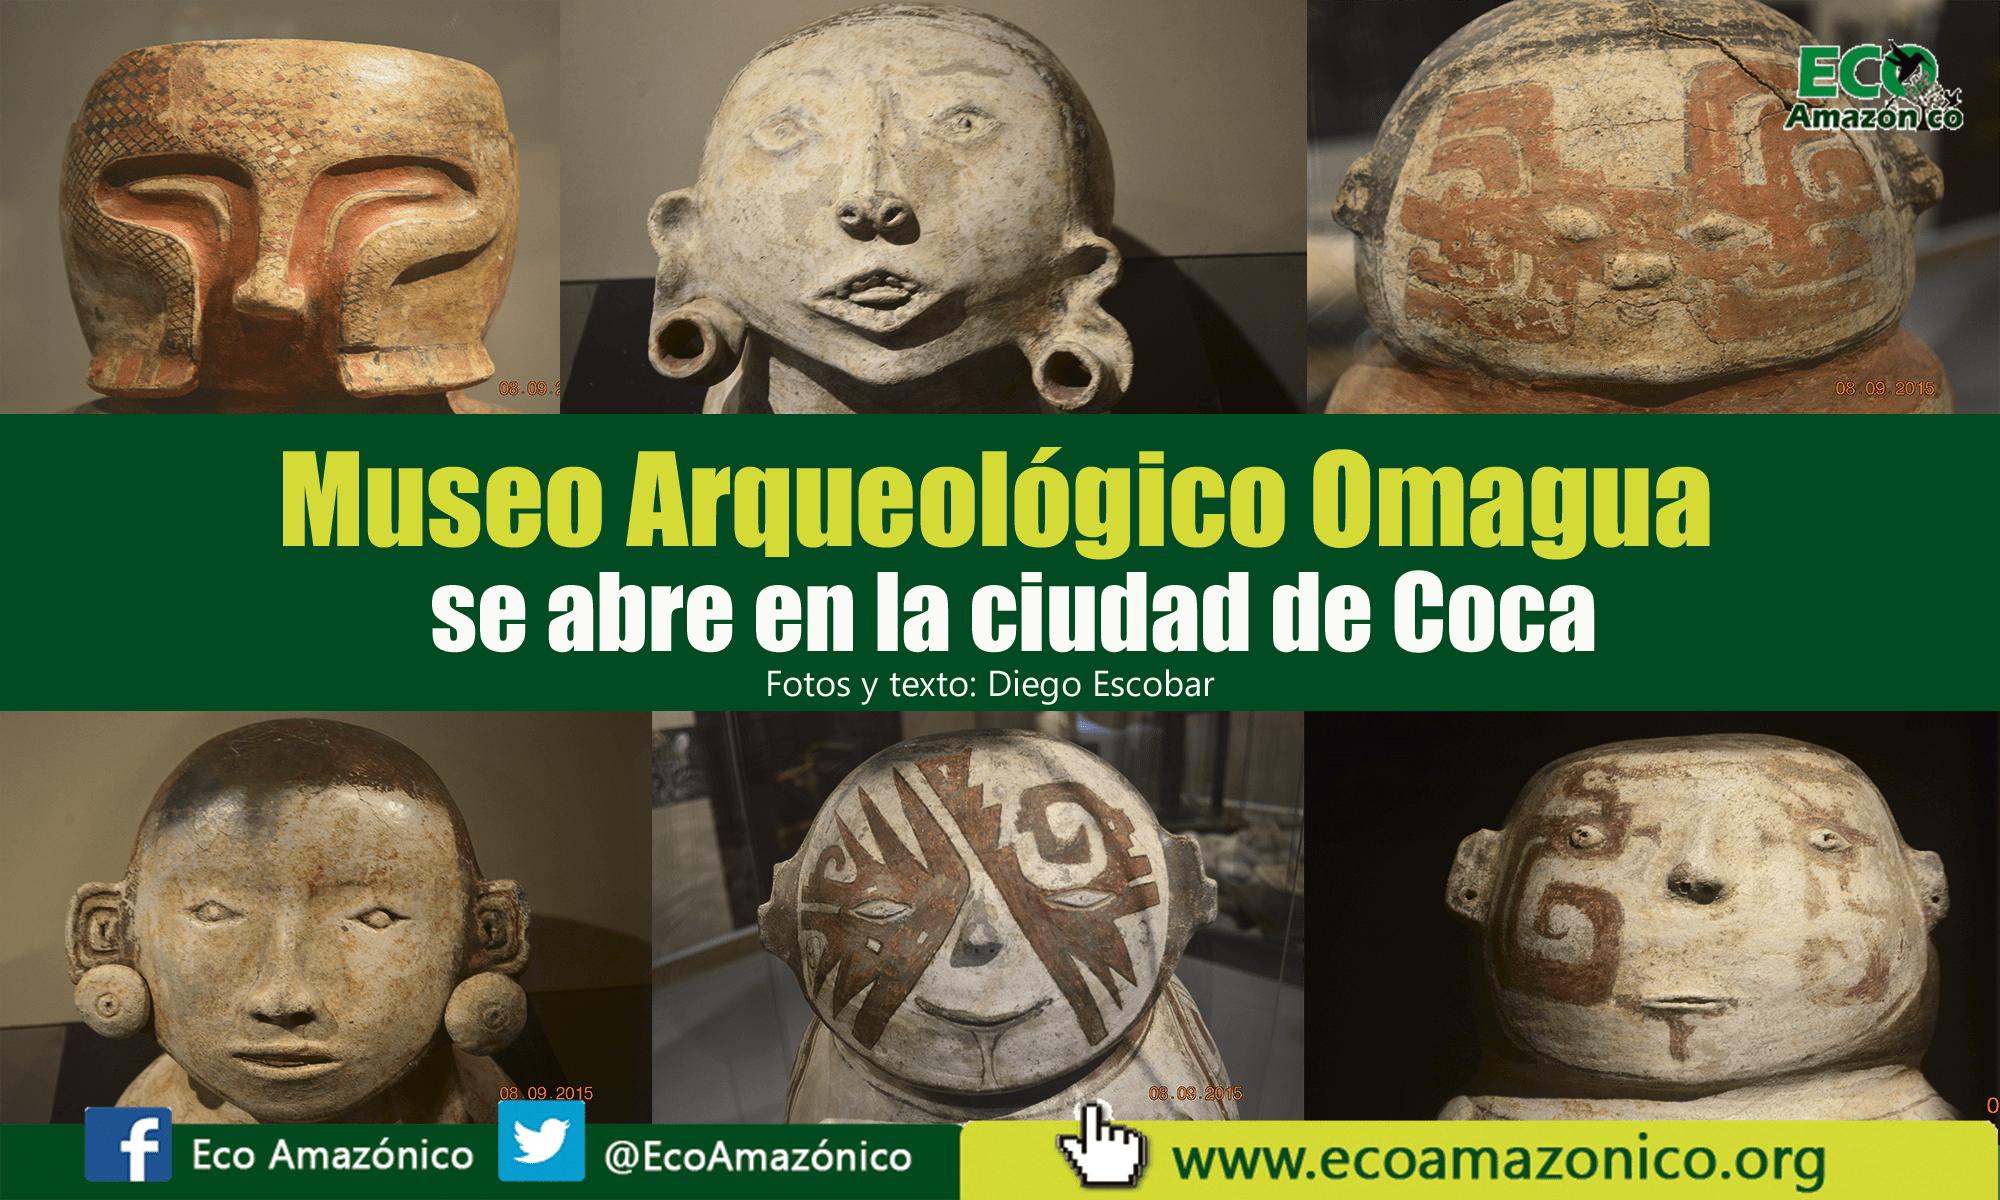 Museo Arqueológico Omagua se abre en la ciudad de Coca